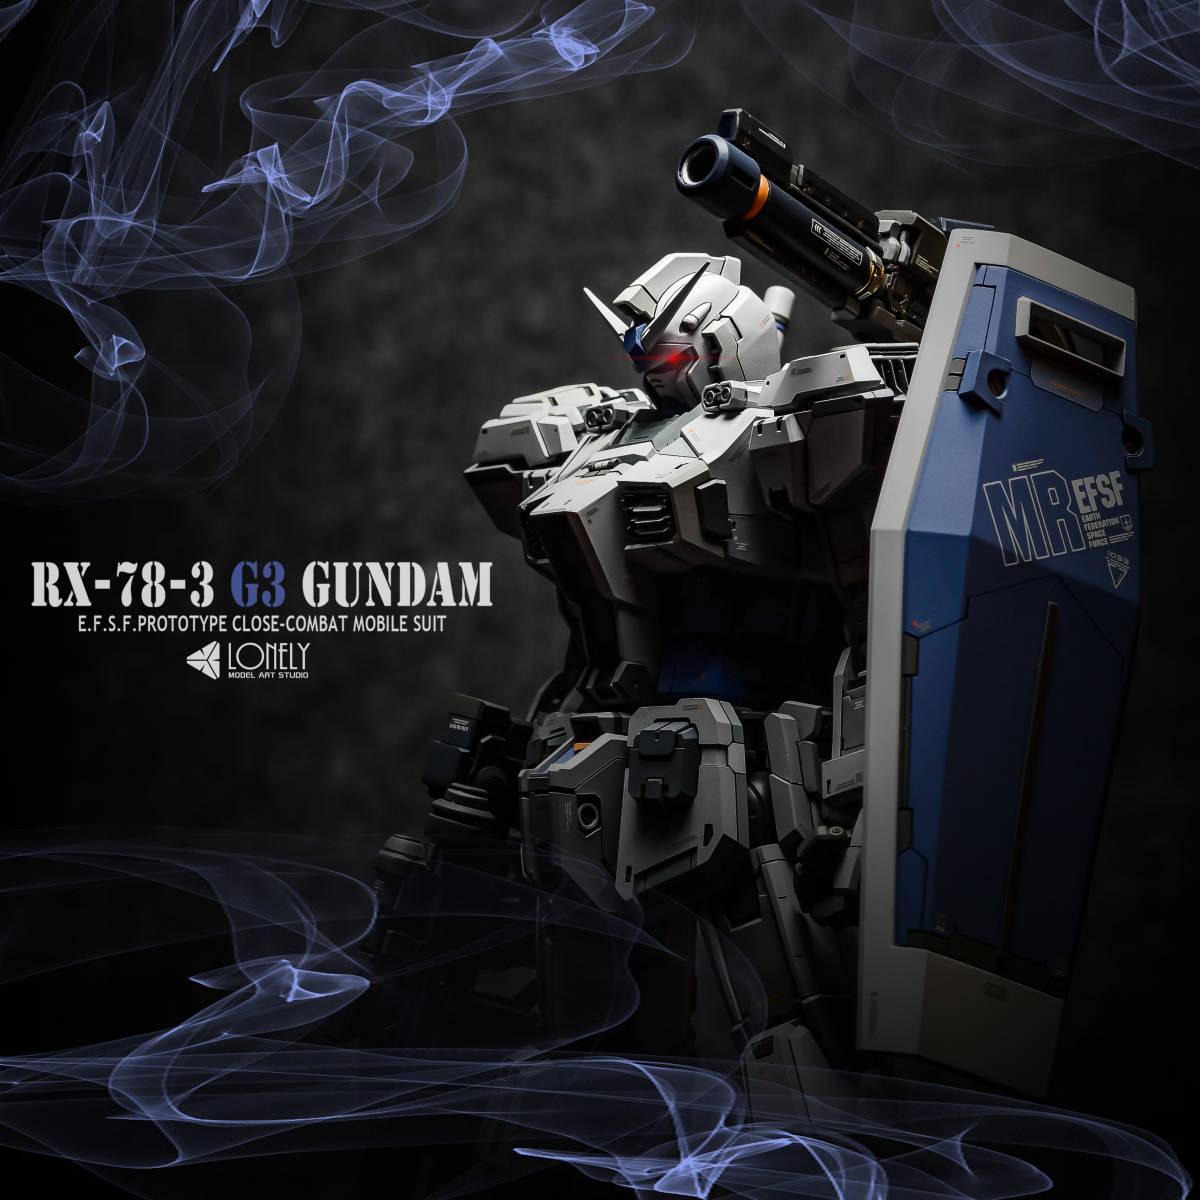 G318_inf_rx78_2_012.jpg